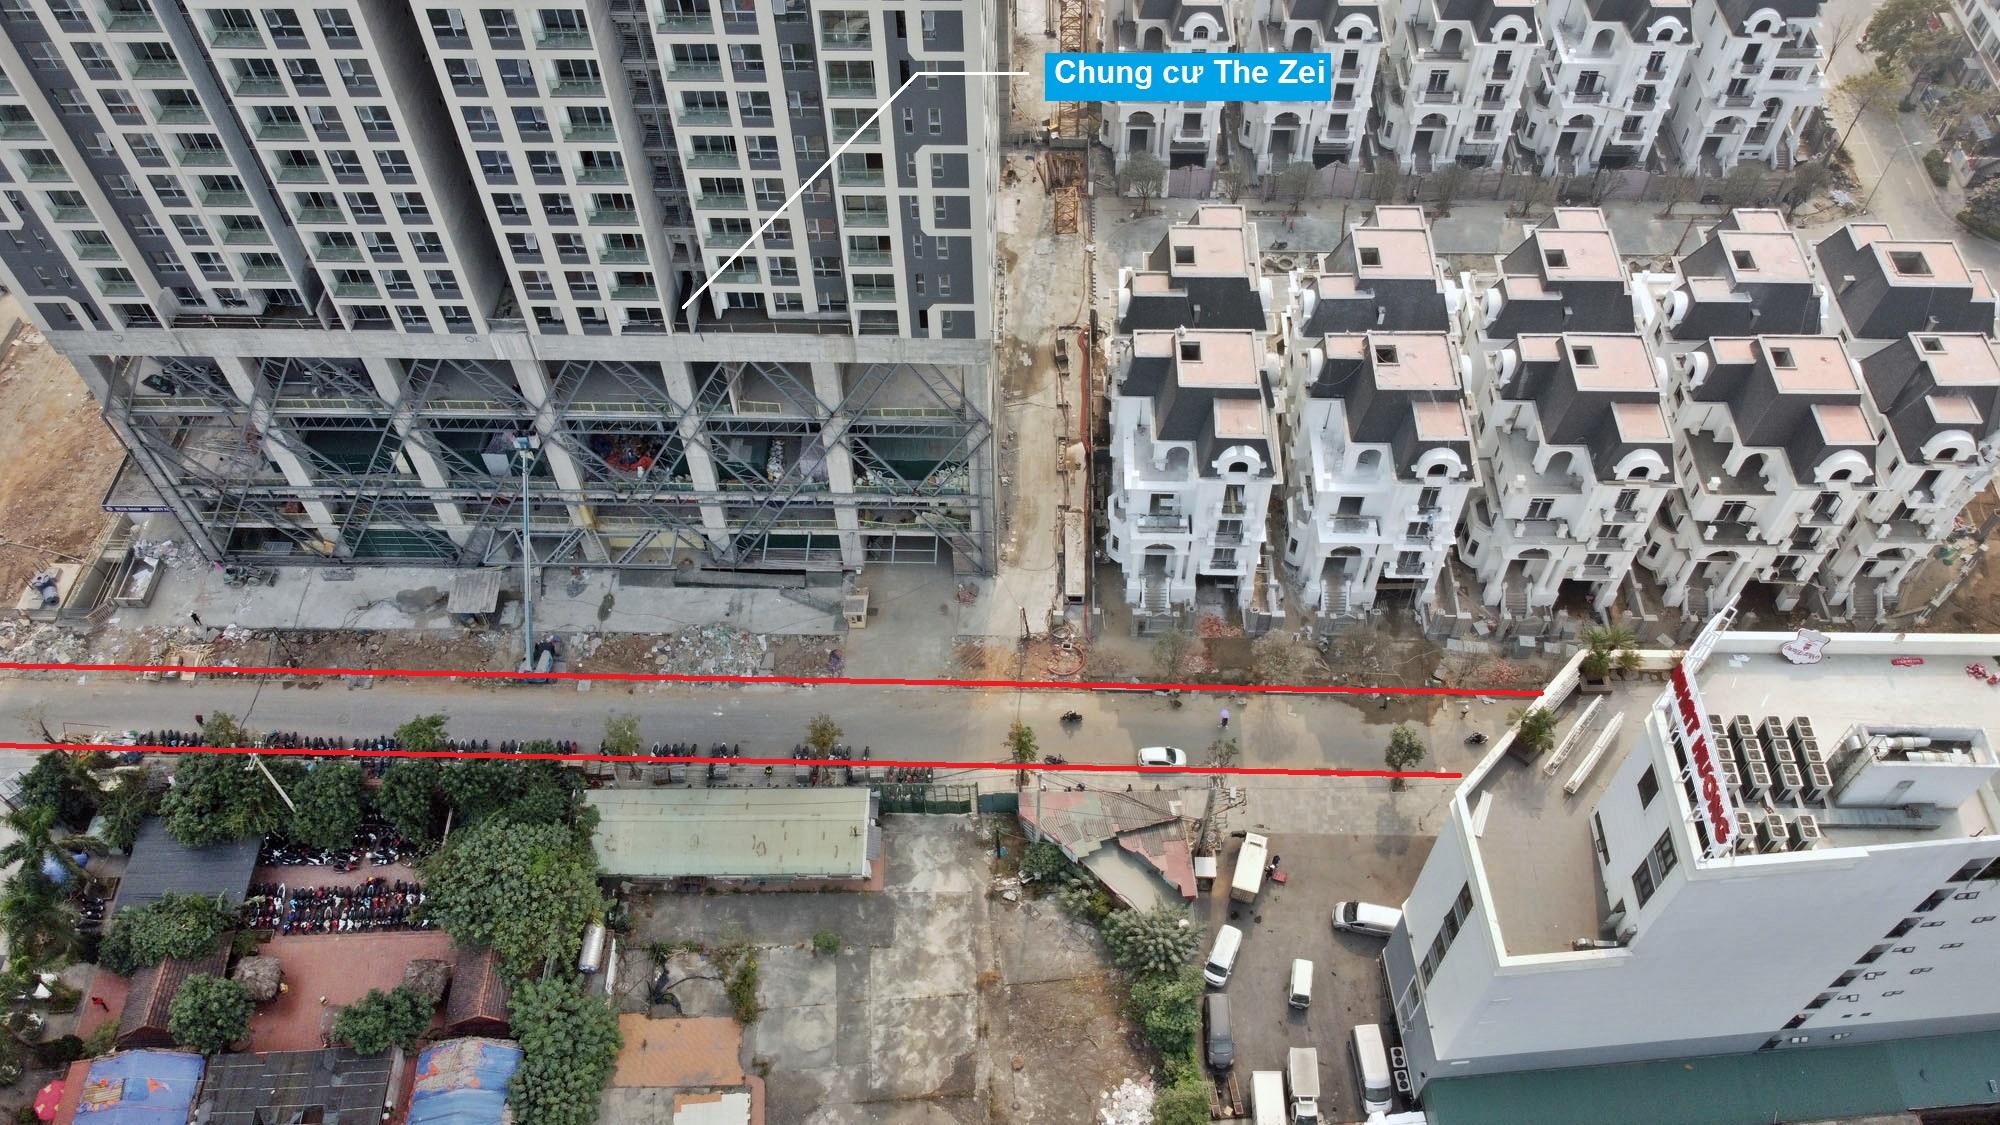 Ba đường sẽ mở theo qui hoạch ở phường Mỹ Đình 2, Nam Từ Liêm, Hà Nội (phần 2) - Ảnh 4.